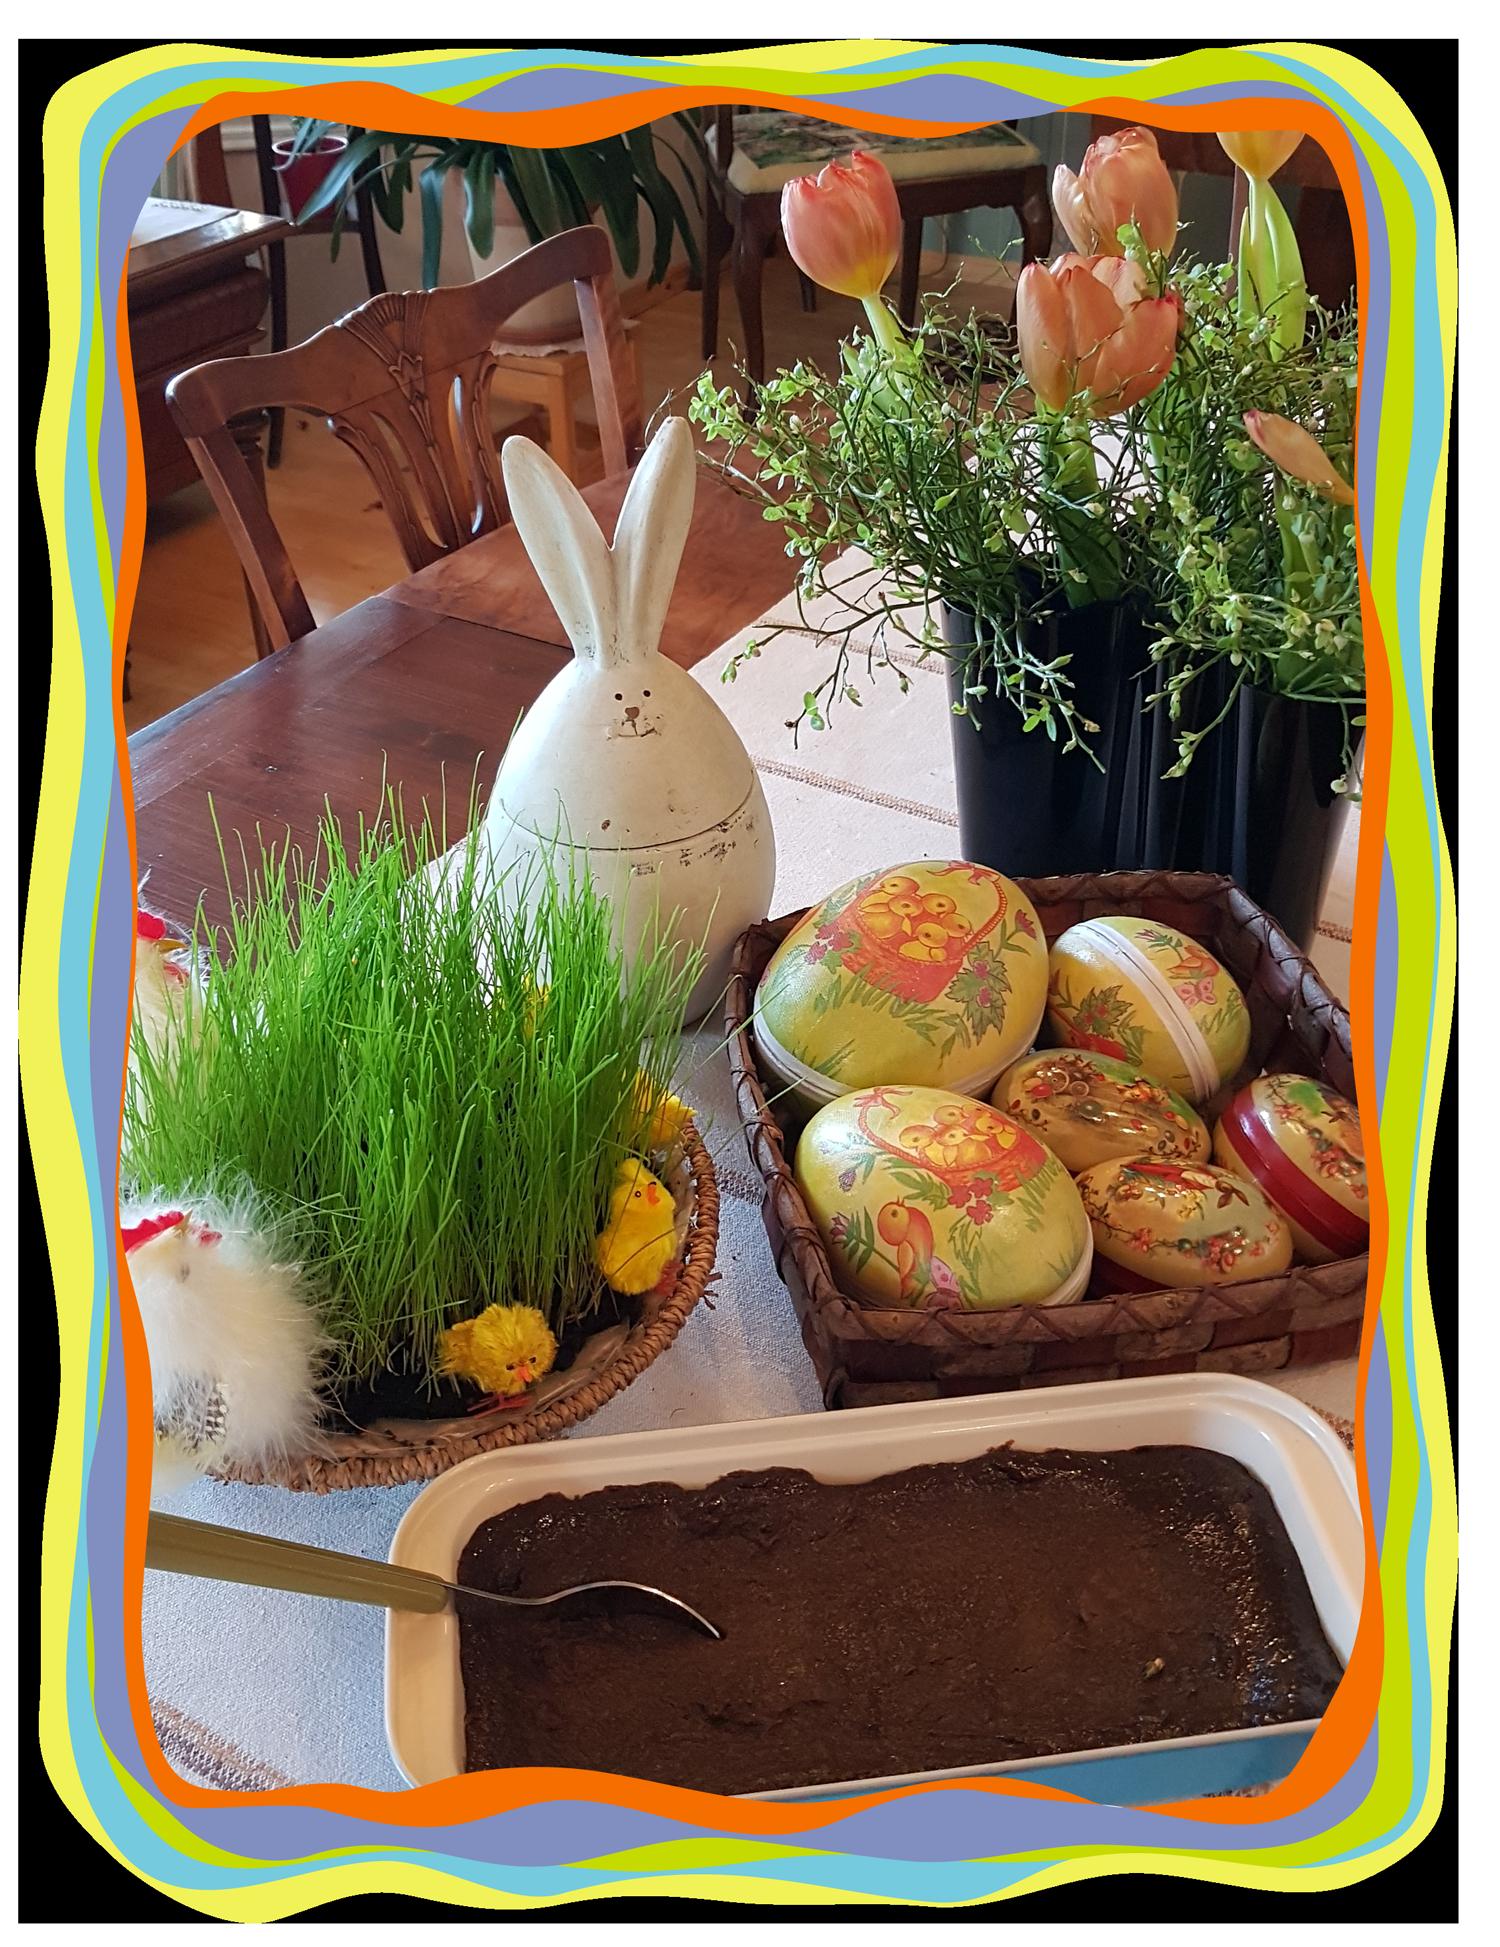 Pääsiäinen ruohoa, mämmiä, suklaamunia ja tulppaaneja.